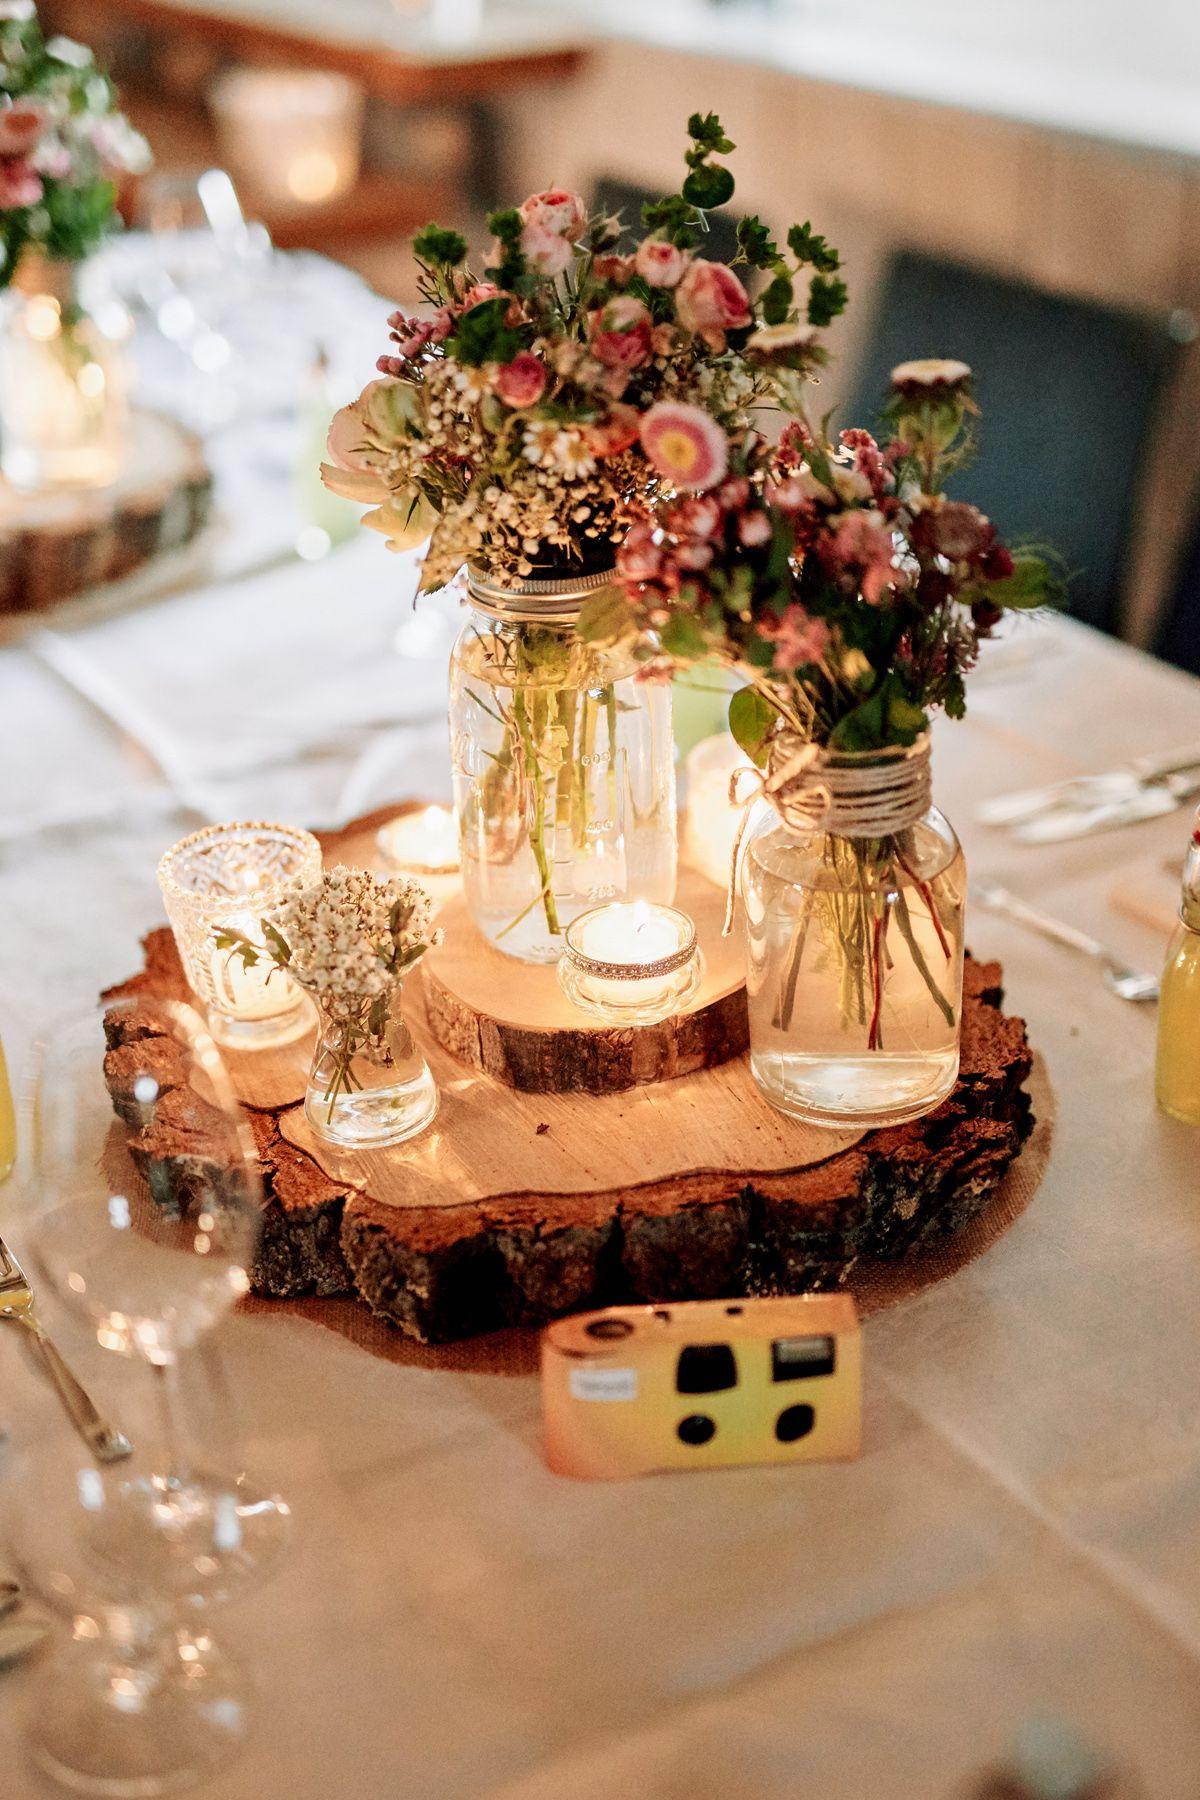 Originelle Landhaushochzeit Mit Vw Bulli Hochzeitsblog The Little Wedding Corner Dekoration Hochzeit Hochzeit Tischdekoration Hochzeit